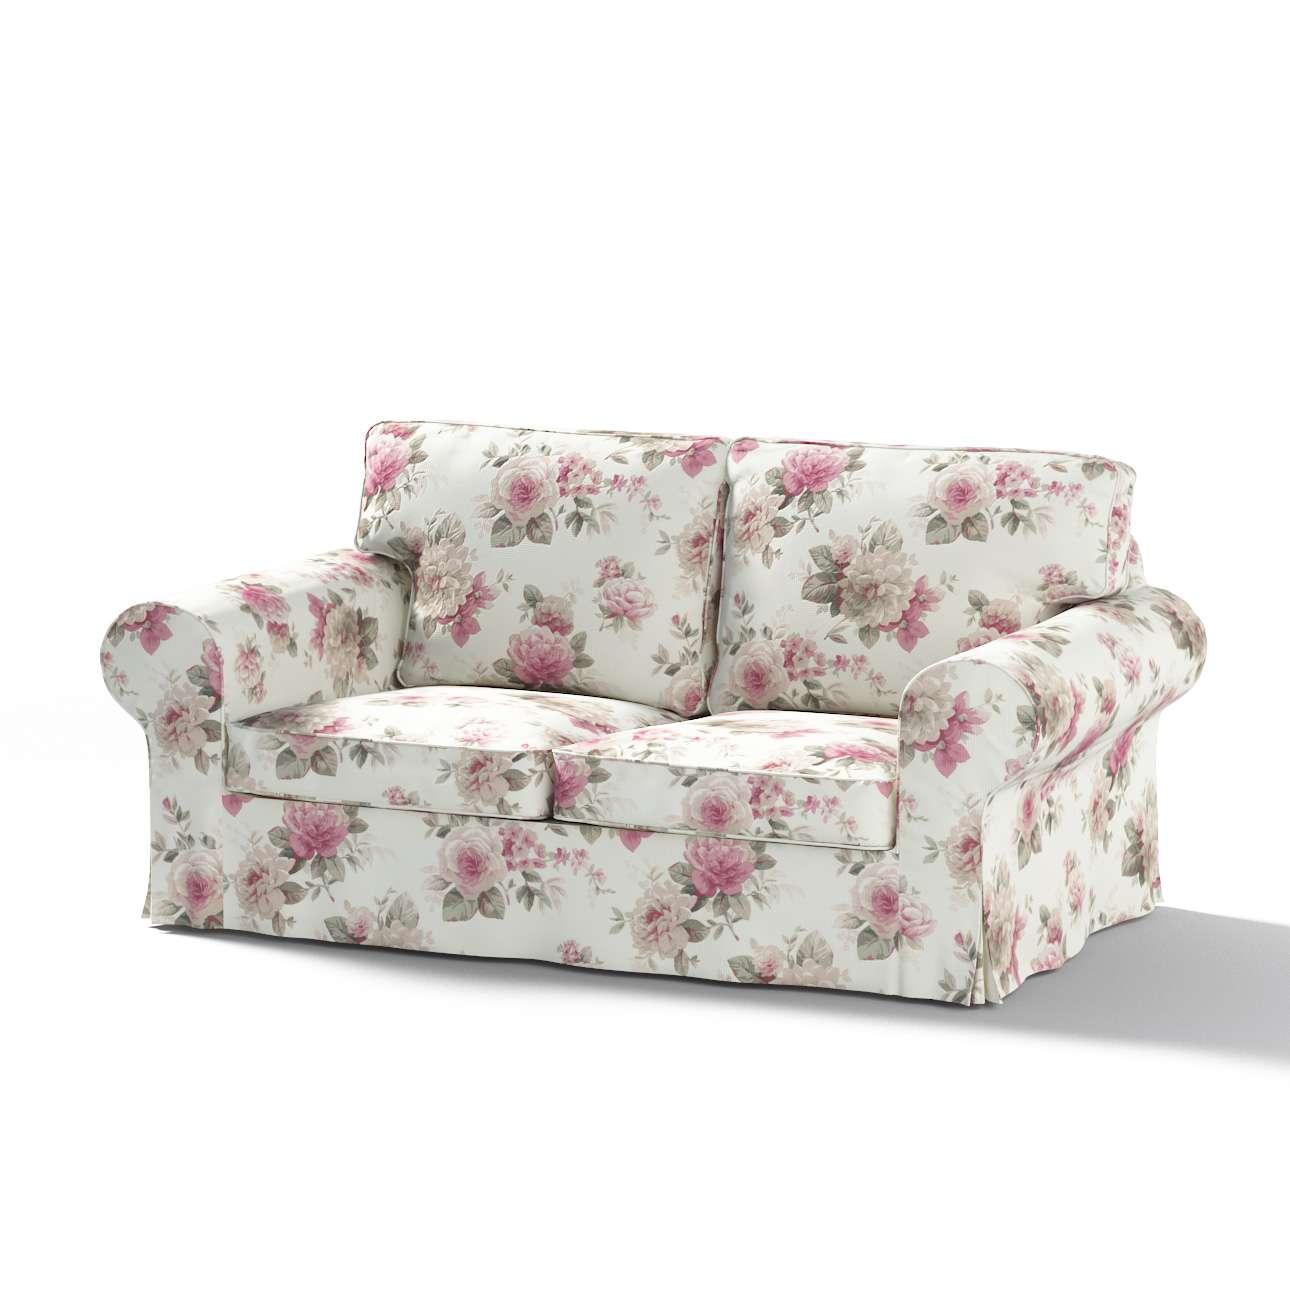 Pokrowiec na sofę Ektorp 2-osobową, rozkładaną STARY MODEL Sofa Ektorp 2-osobowa rozkładana w kolekcji Mirella, tkanina: 141-07